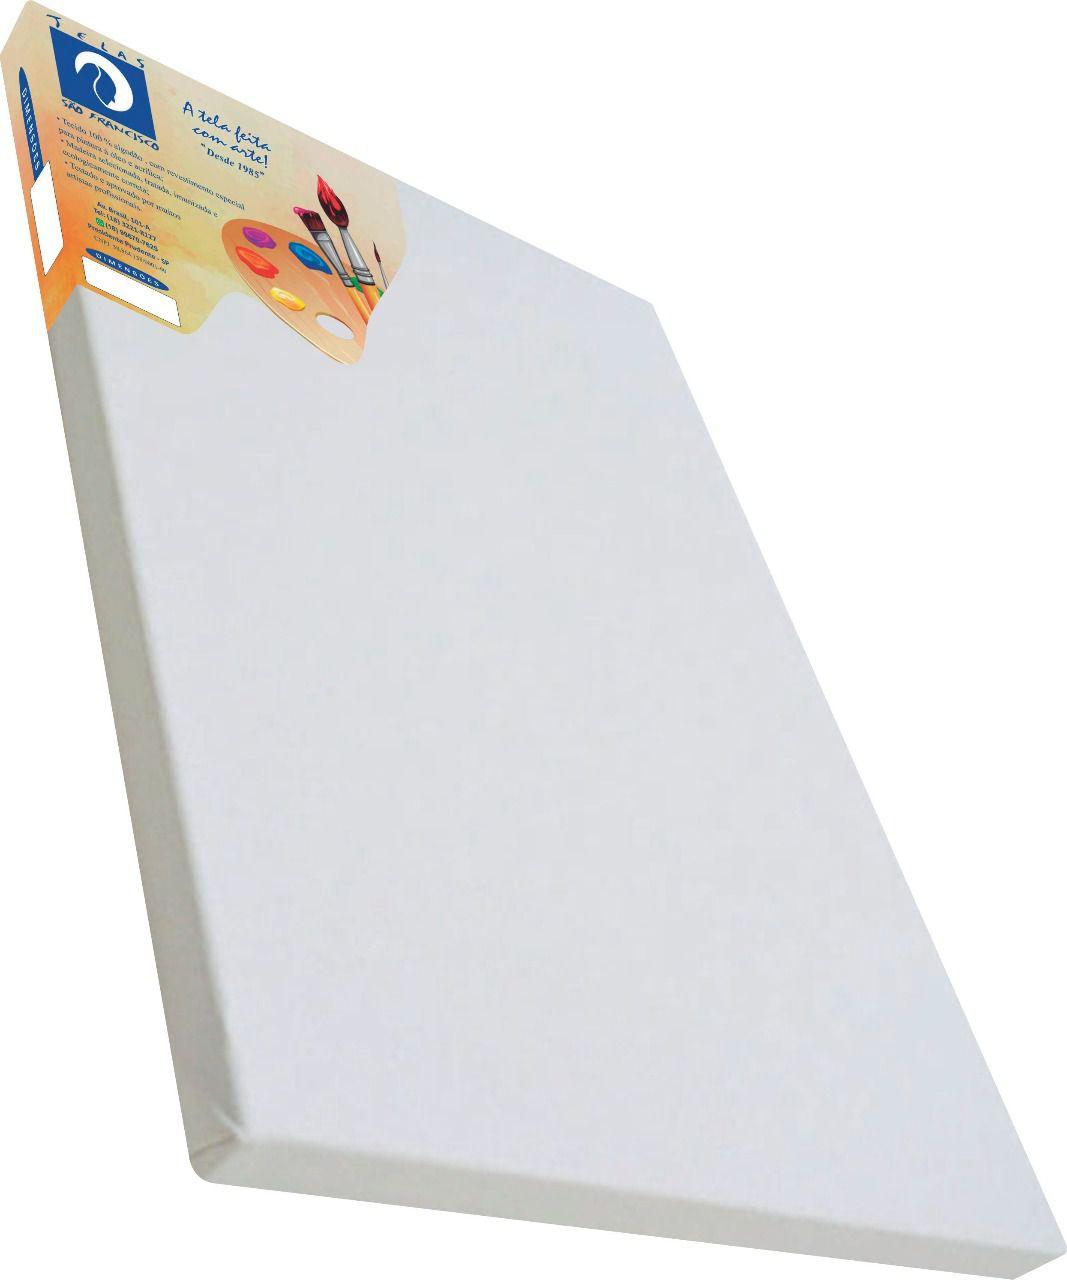 Tela painel para pintura 40x60cm - São Francisco